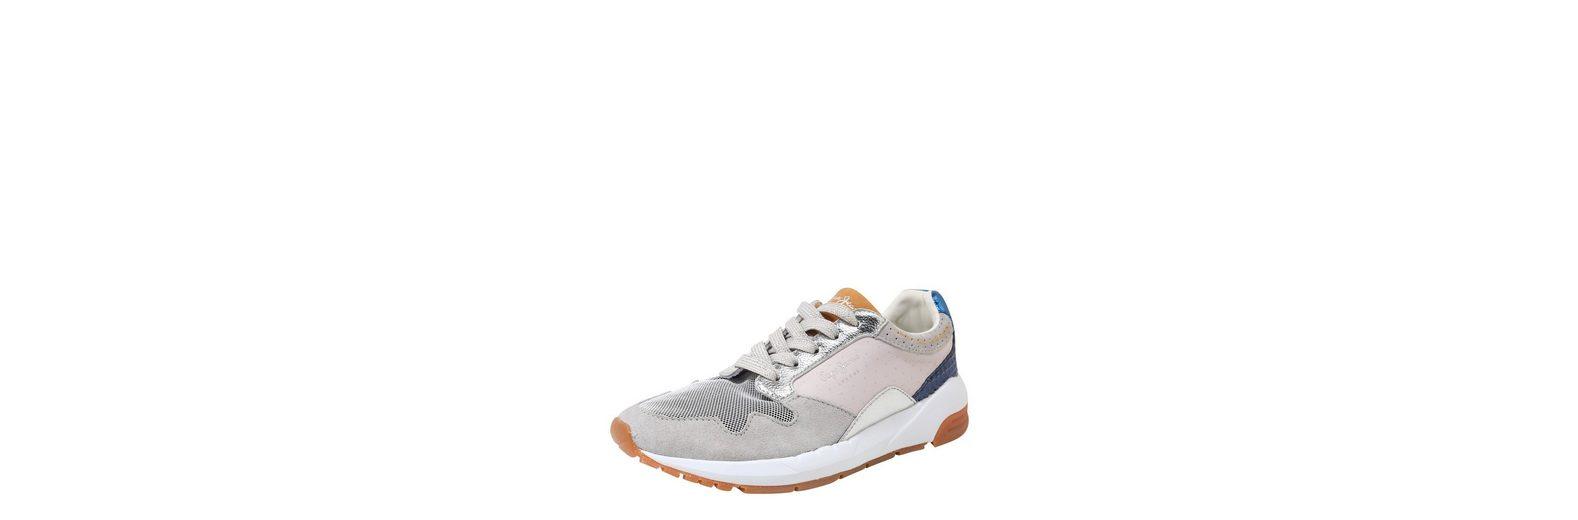 Spielraum Echt Die Günstigste Online Pepe Jeans Foster Itaca Sneaker Steckdose Kostengünstig Ansicht Verkauf Online bChsunto